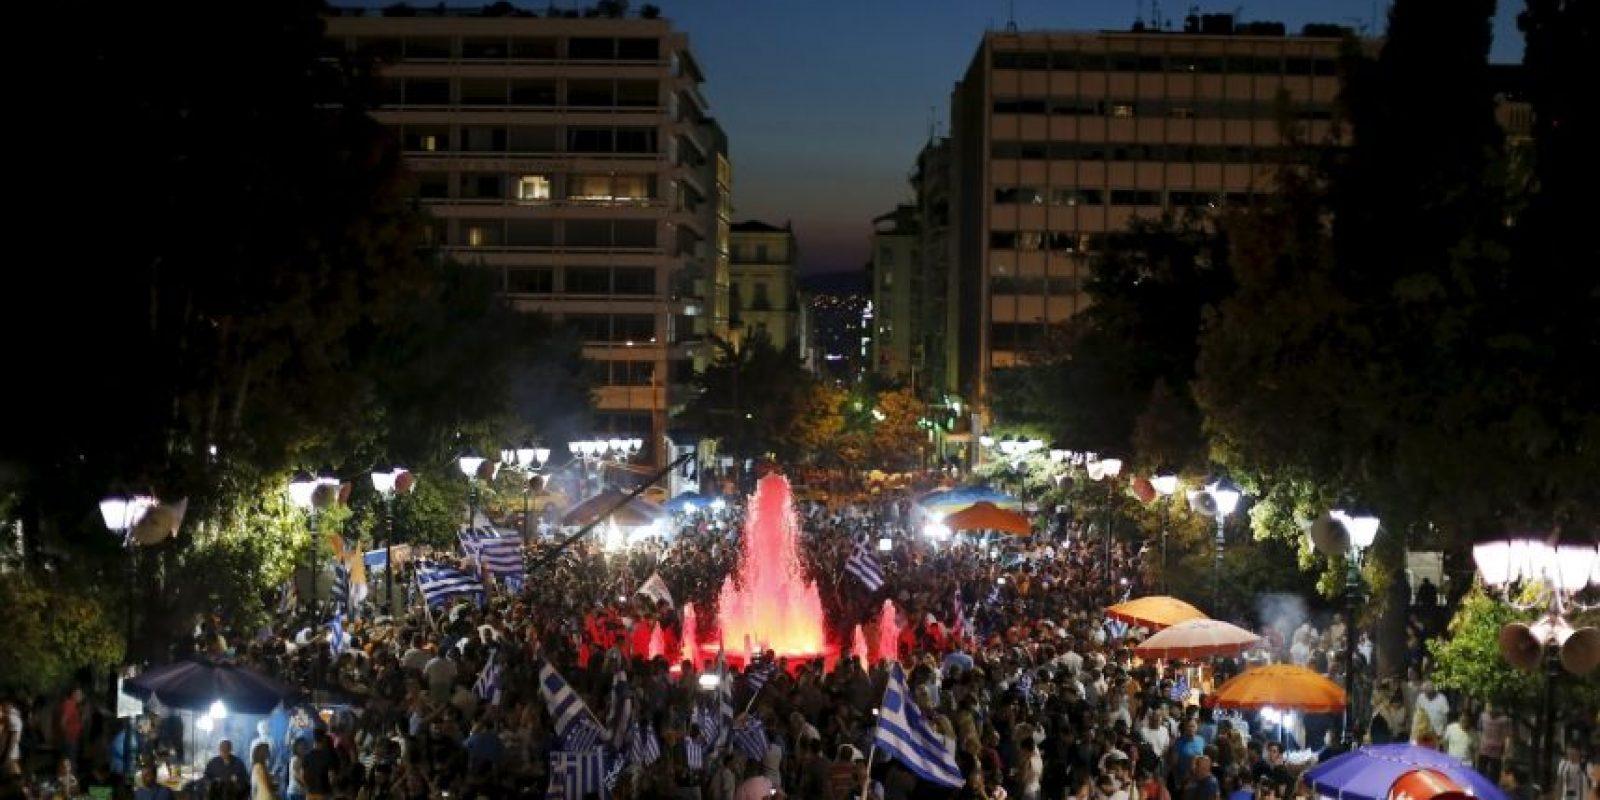 Esto para discutir acerca de la situación actual de Grecia. Foto:AFP